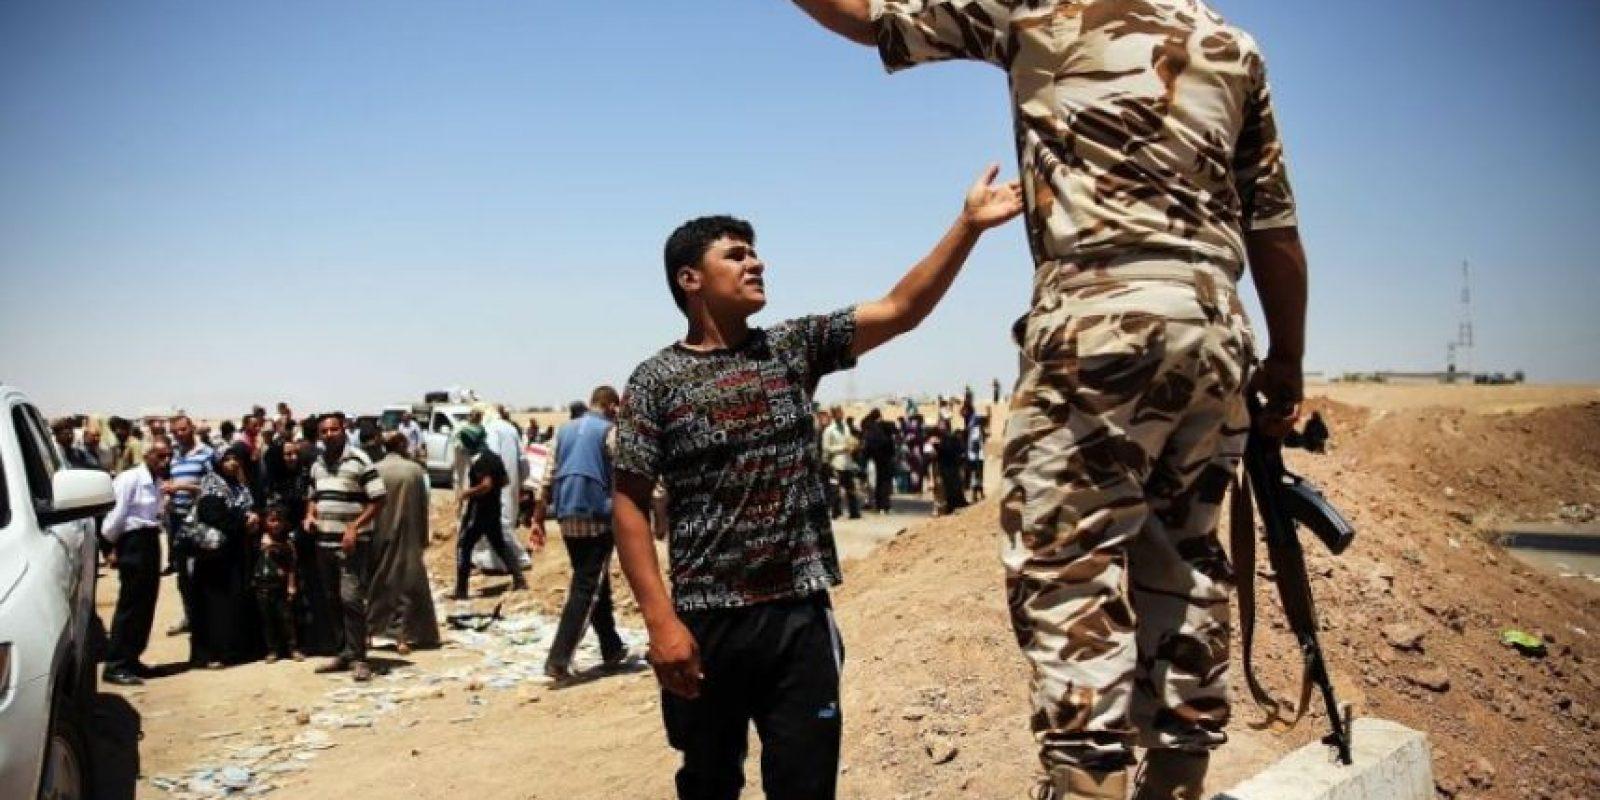 Un reality show australiano que estrenó el miércoles pasado su tercera temporada expuso a sus participantes a enfrentamientos en Siria. Foto:Getty Images